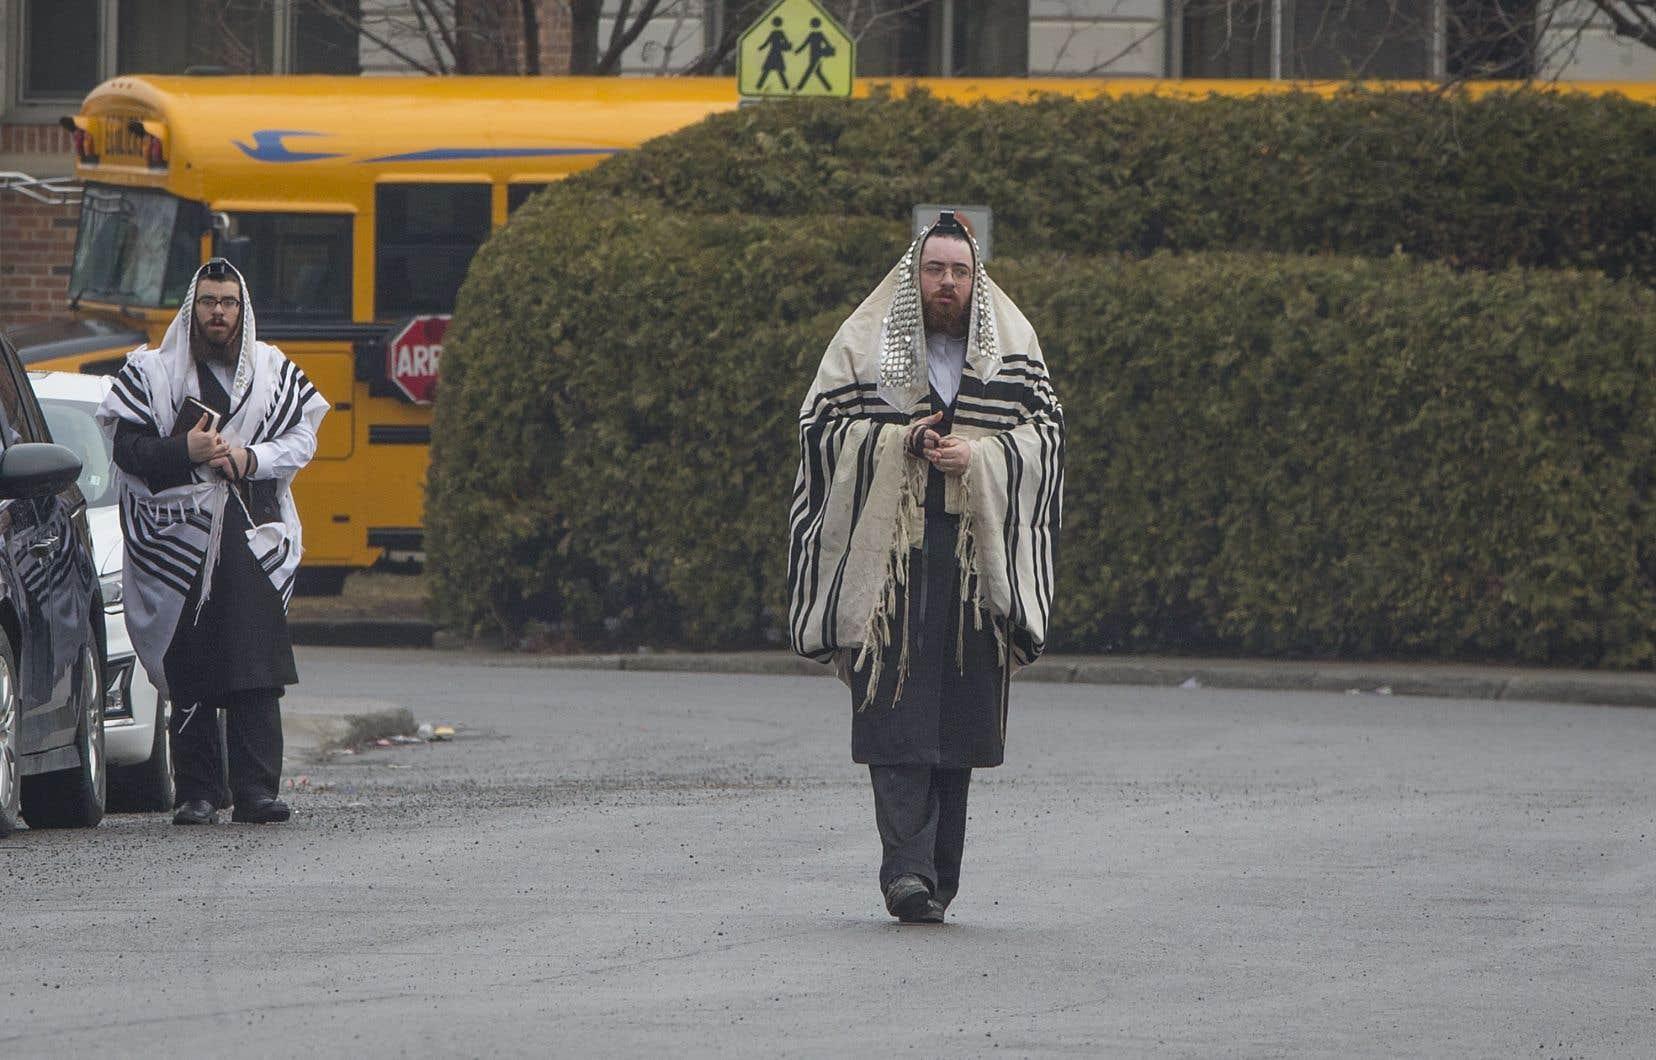 Le 29mars dernier, la direction de la santé publique des Laurentides avait ordonné le confinement strict des 4000 membres de la communauté juive orthodoxe Tosh à Boisbriand.